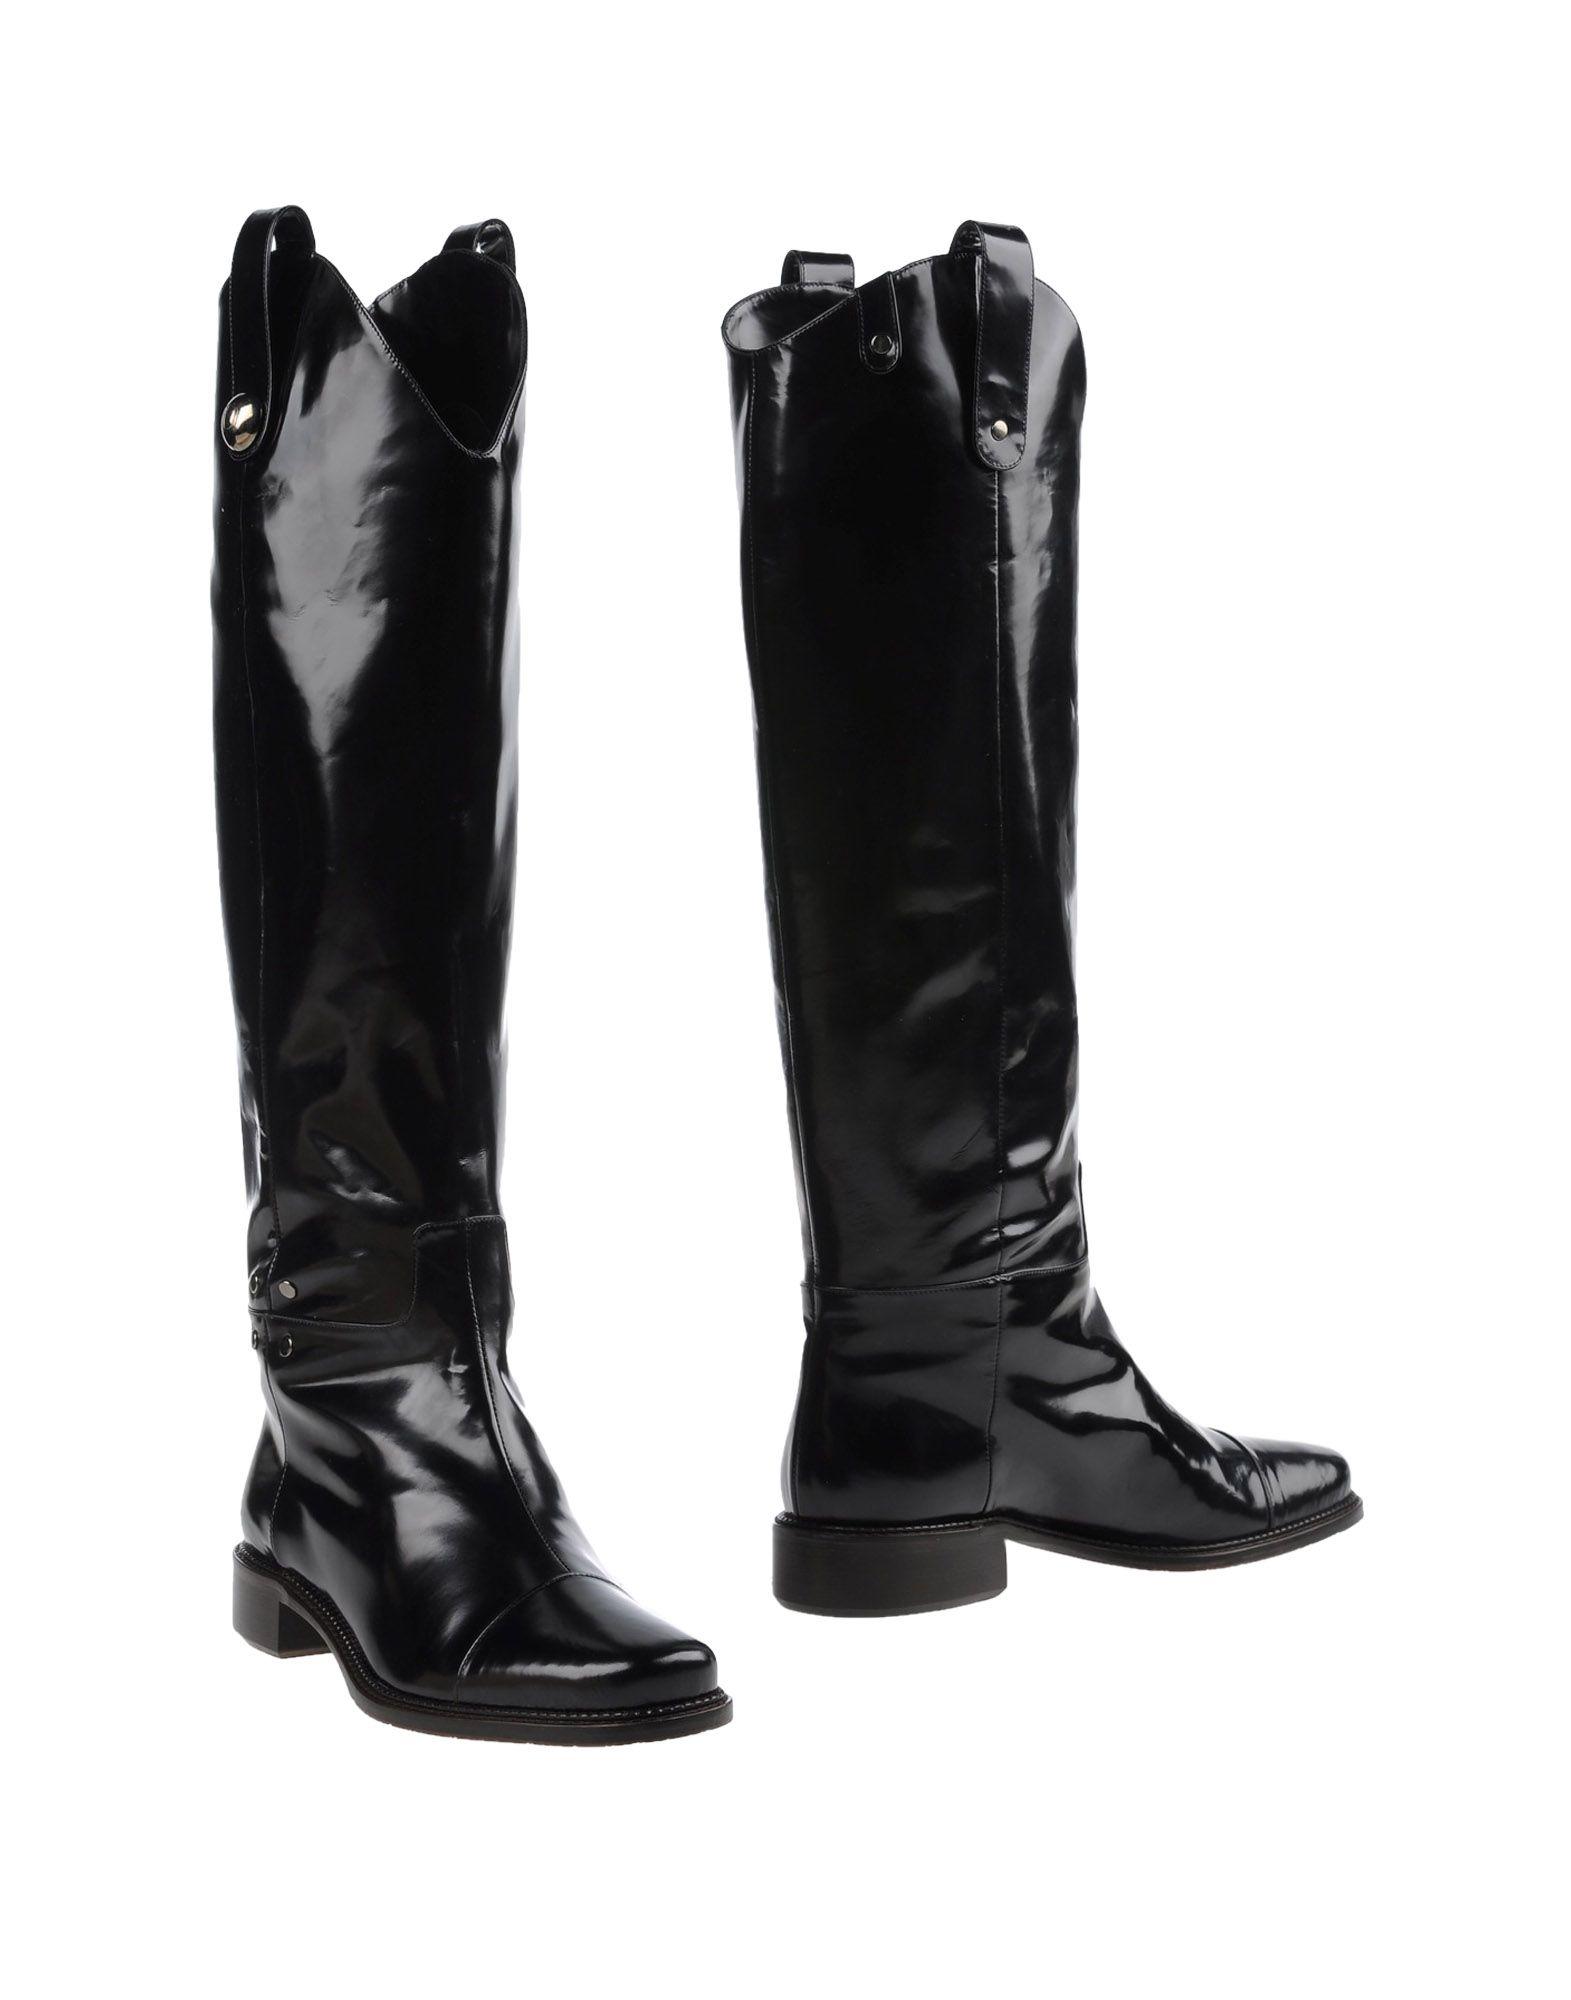 Billig-3242,Dibrera By Paolo Zanoli Stiefel Damen sich Gutes Preis-Leistungs-Verhältnis, es lohnt sich Damen 281445